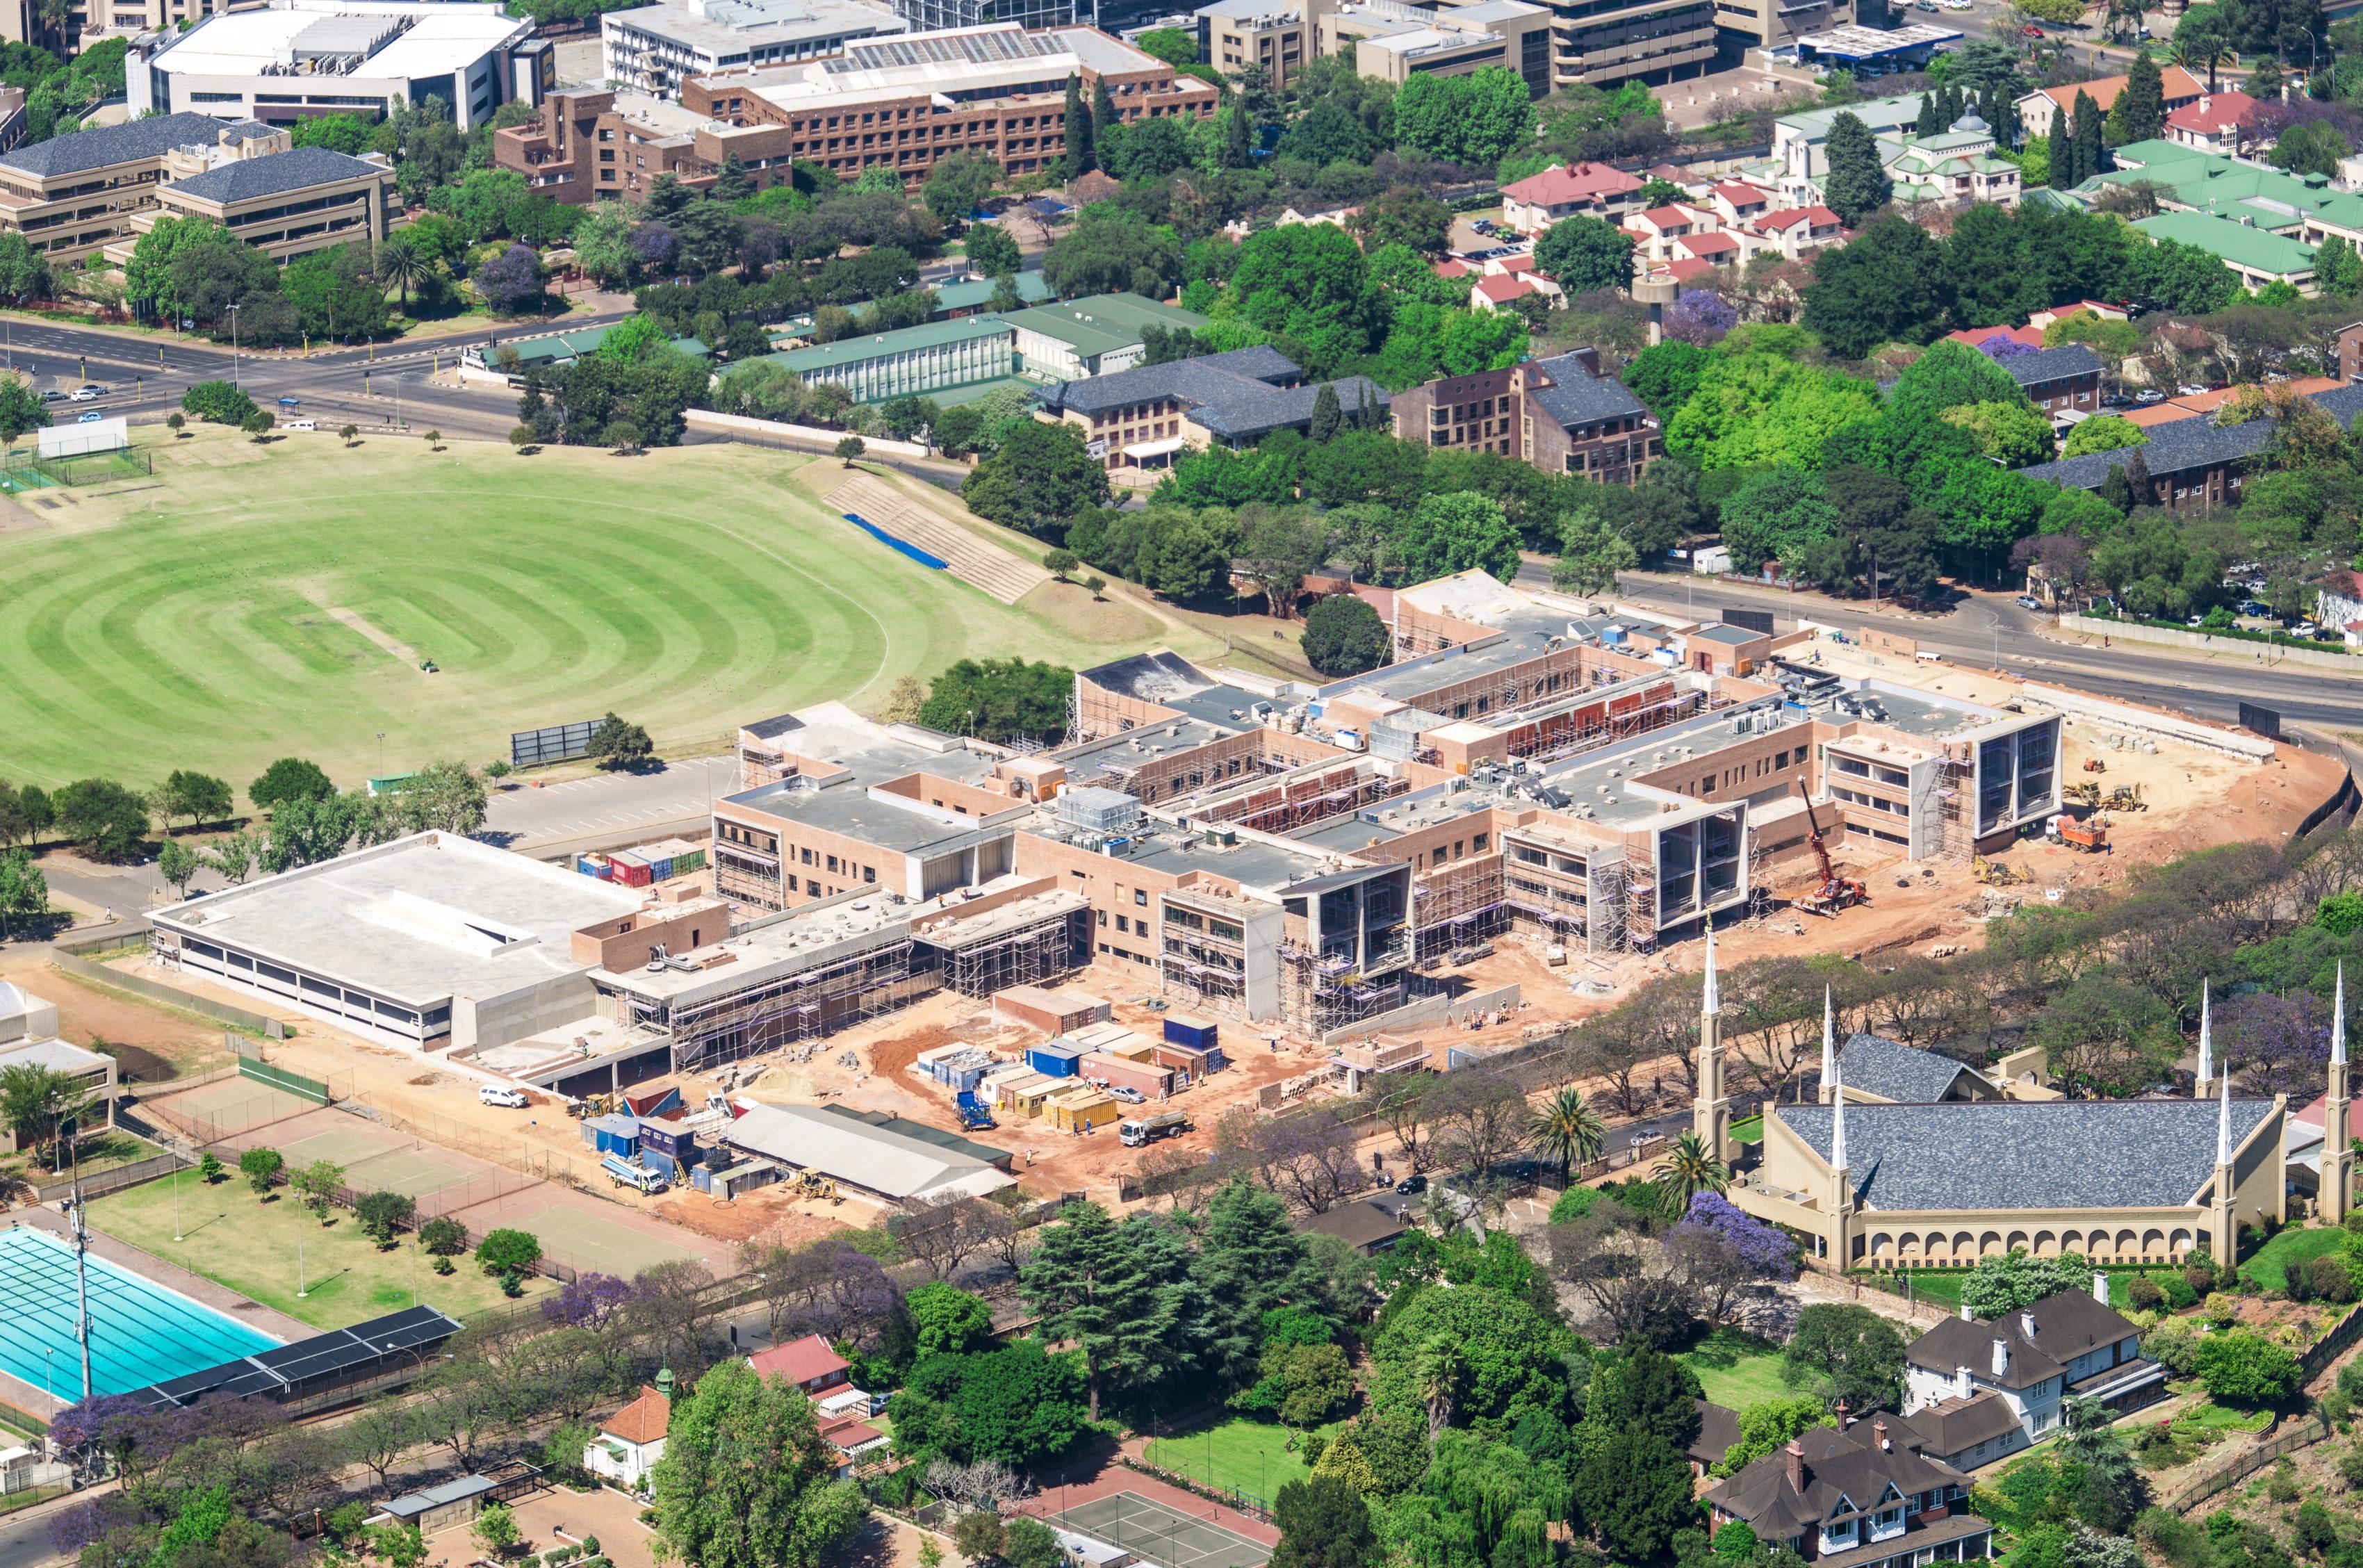 Nelson Mandela Childrens Hospital 1